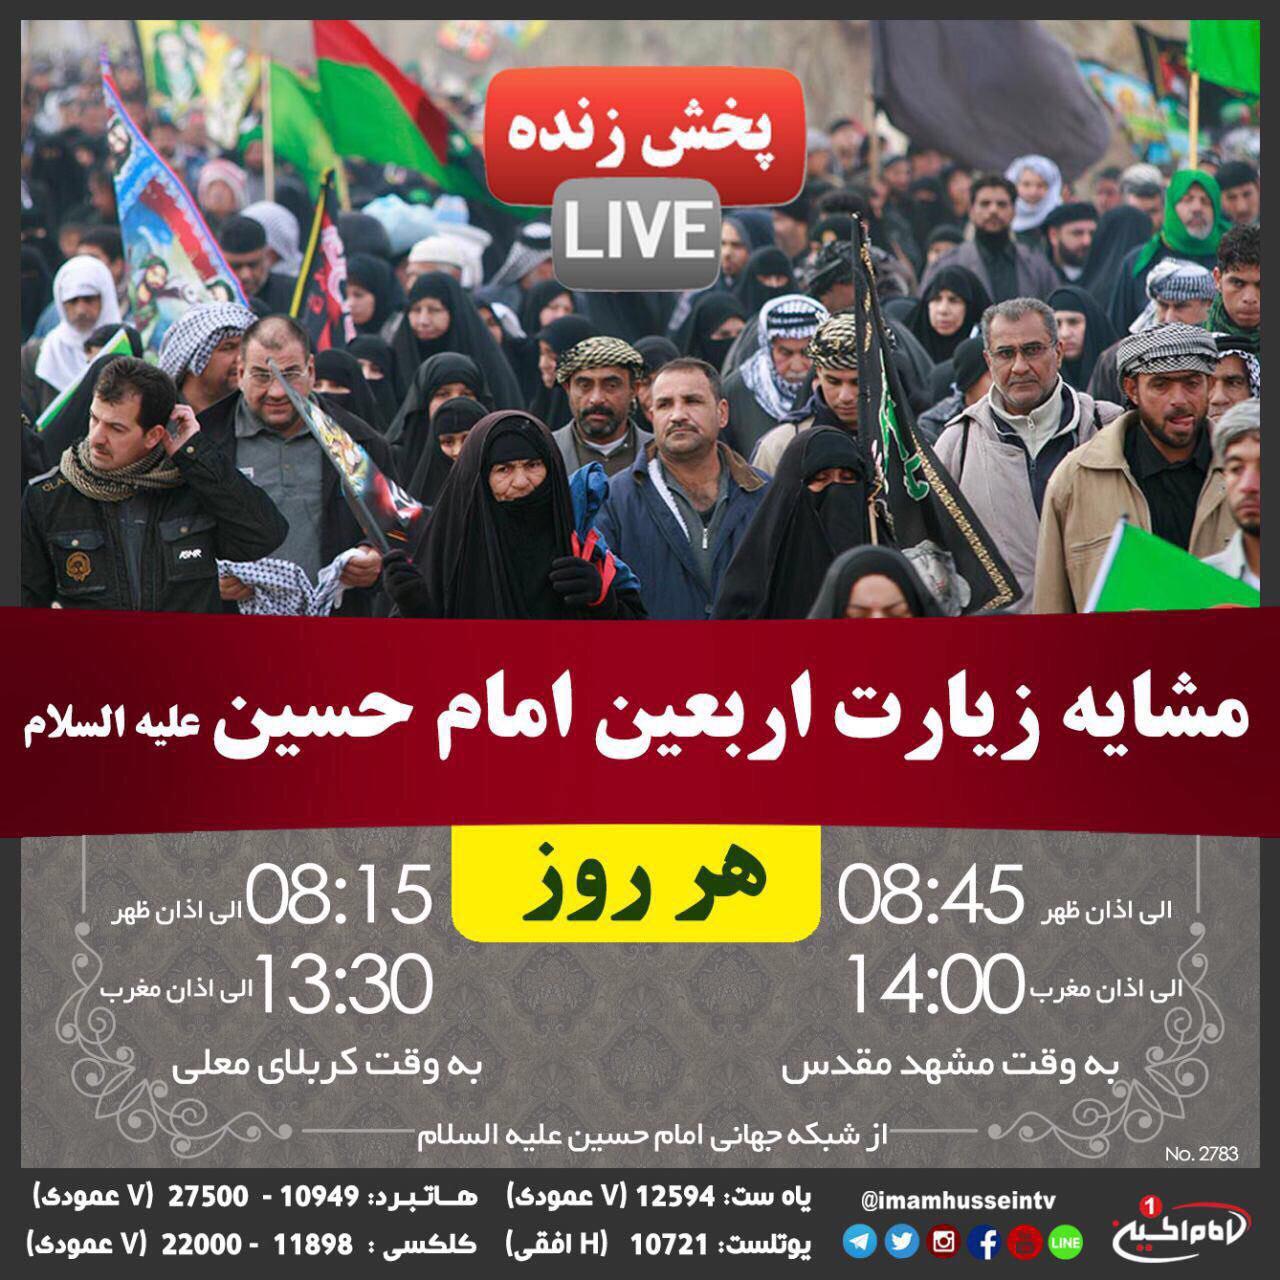 تصویر پخش زنده پیاده روی اربعین حسینی